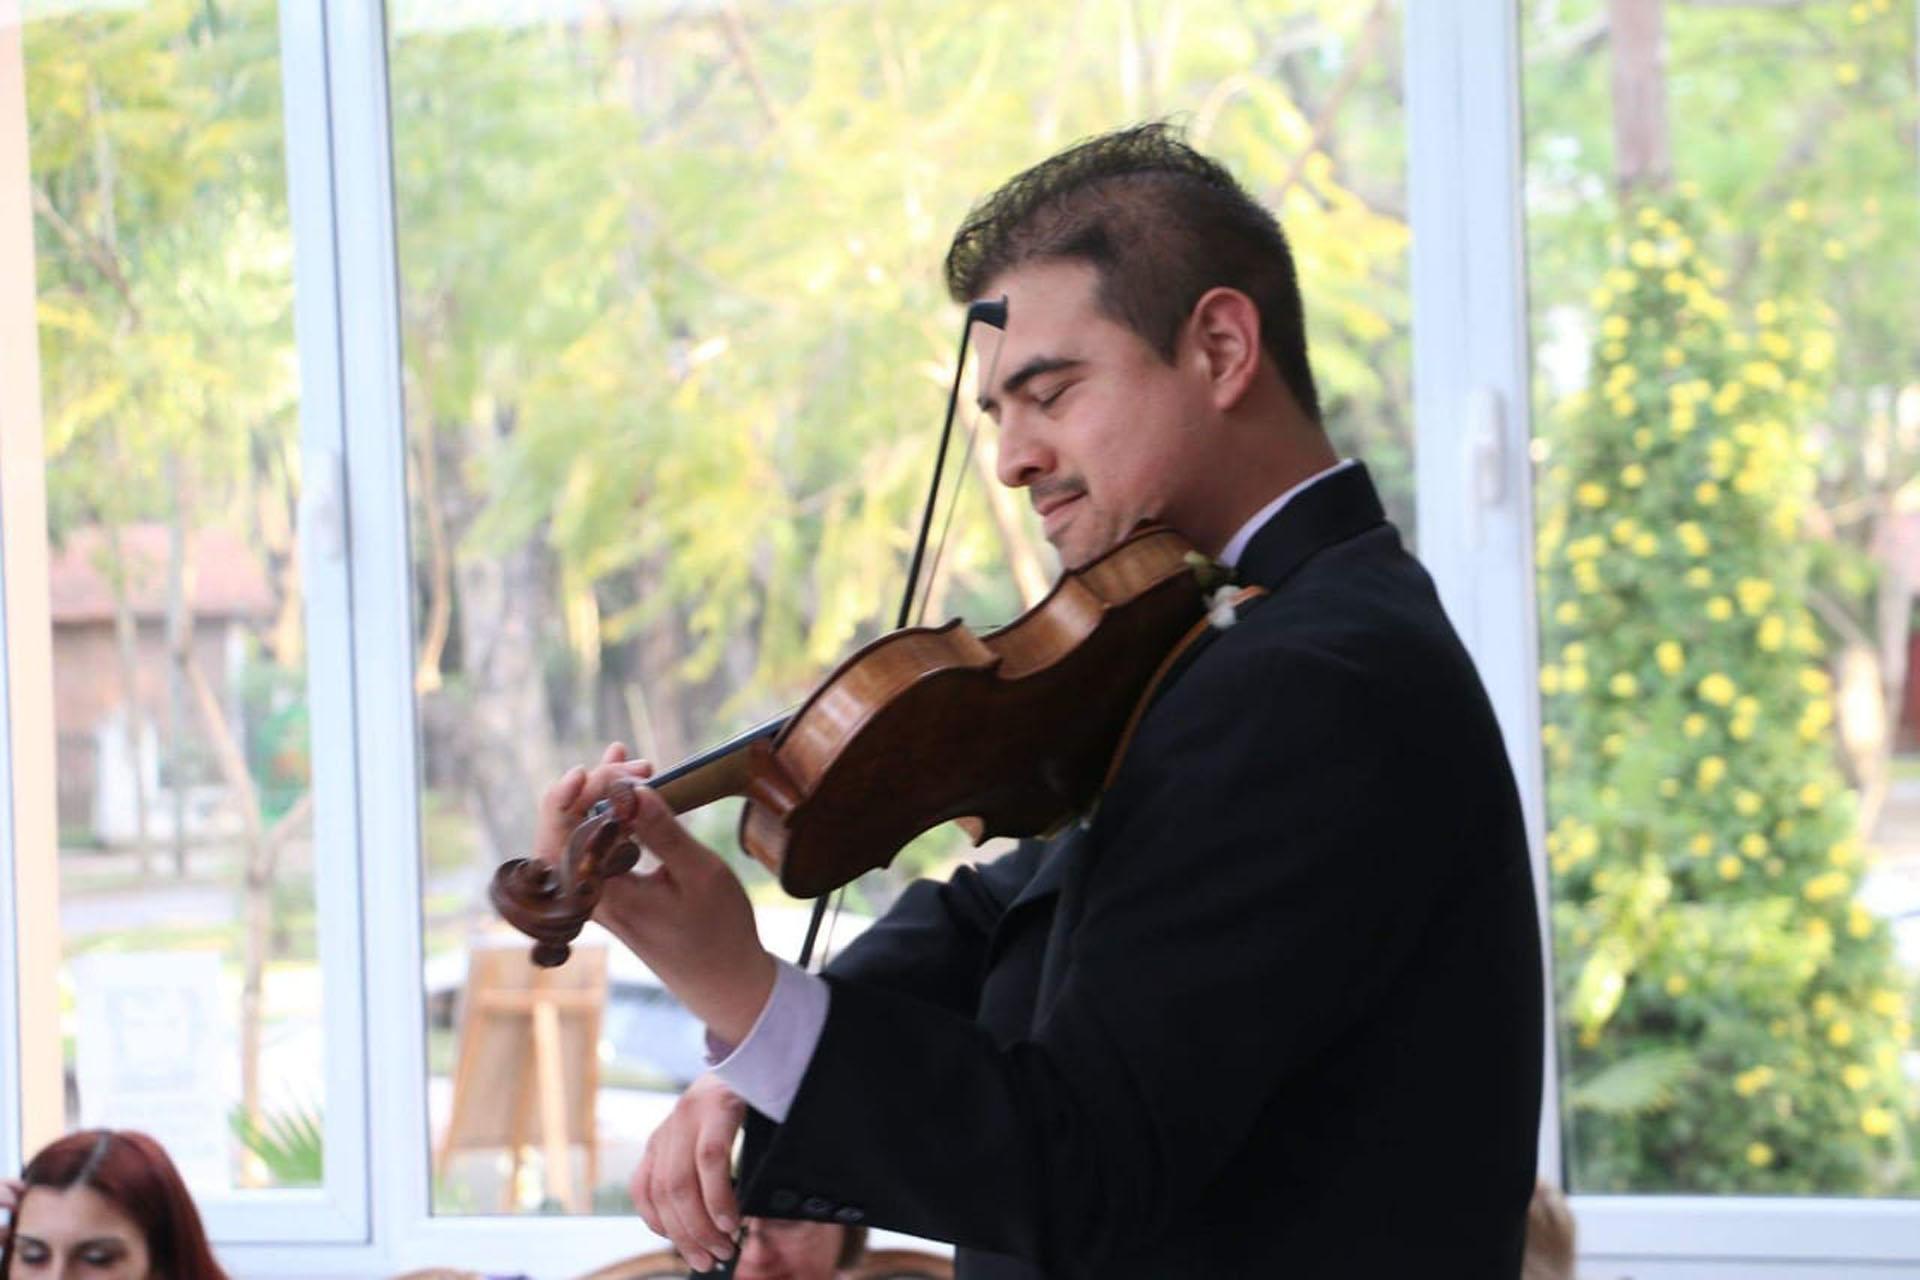 Iván Begur estudió violín desde los 17 en el Conservatorio Julián Aguirre